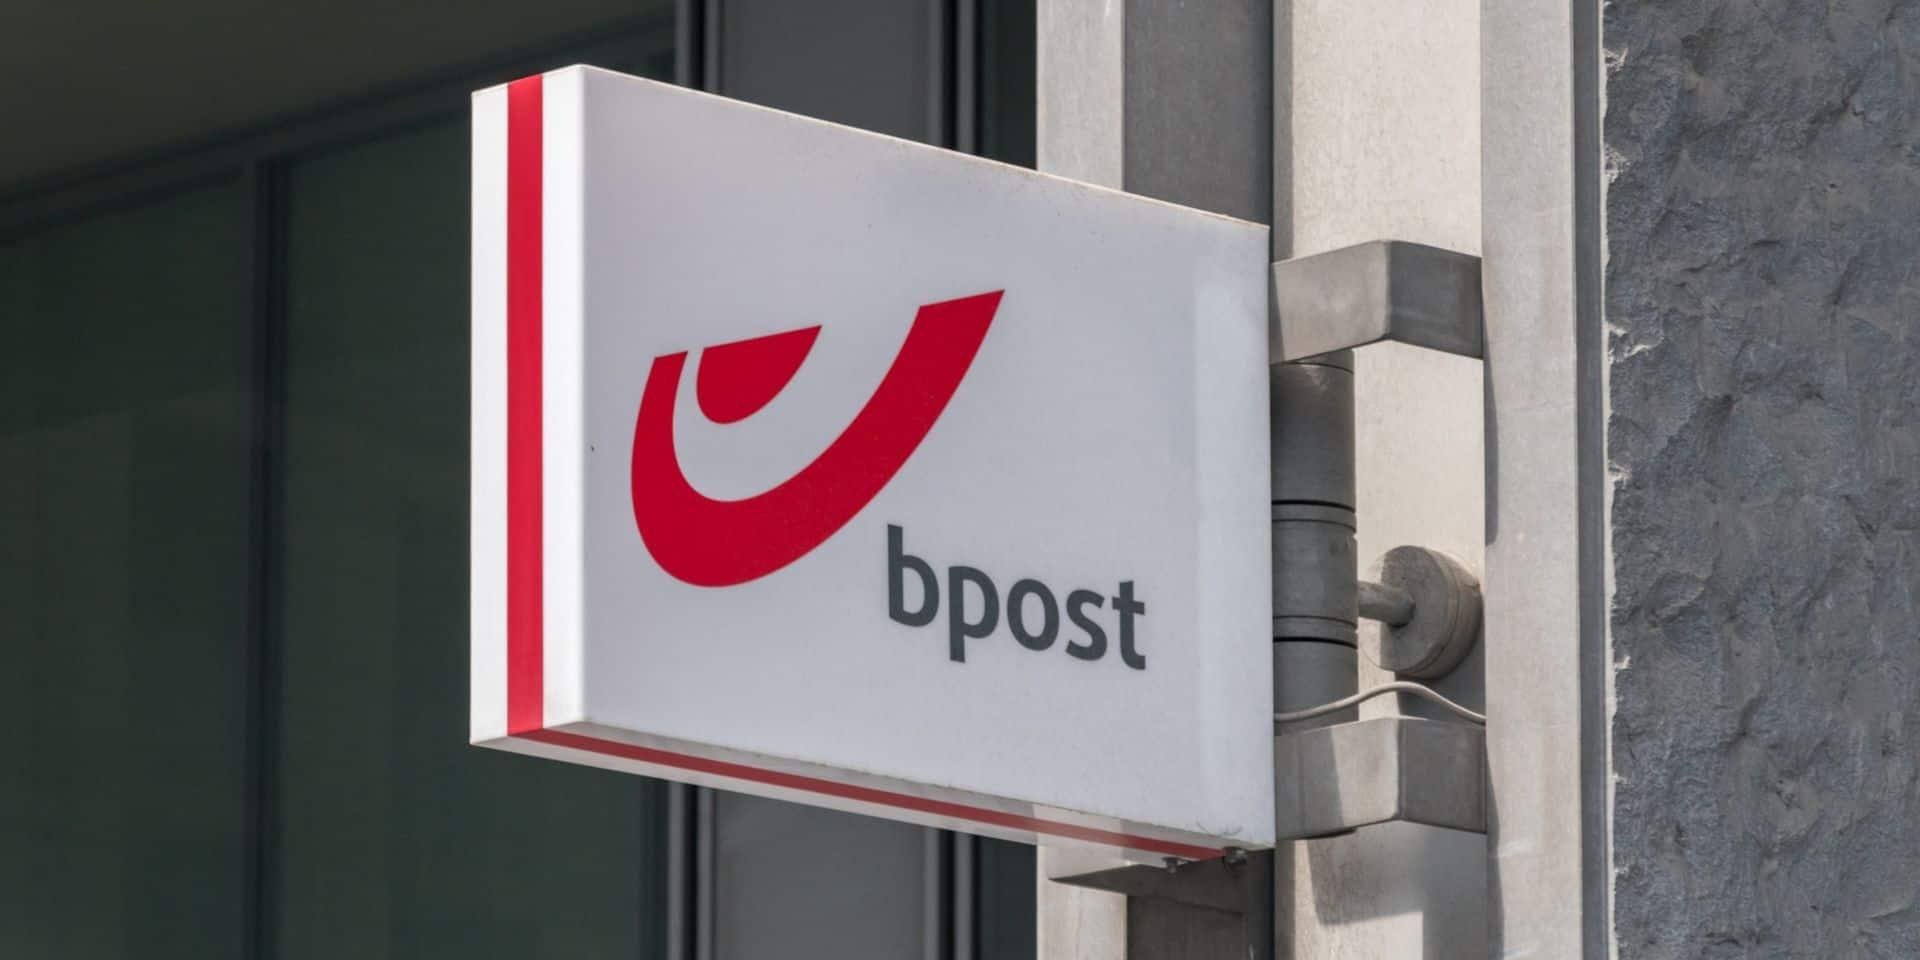 Un distributeur de billets de bpost attaqué à l'explosif à Zaventem